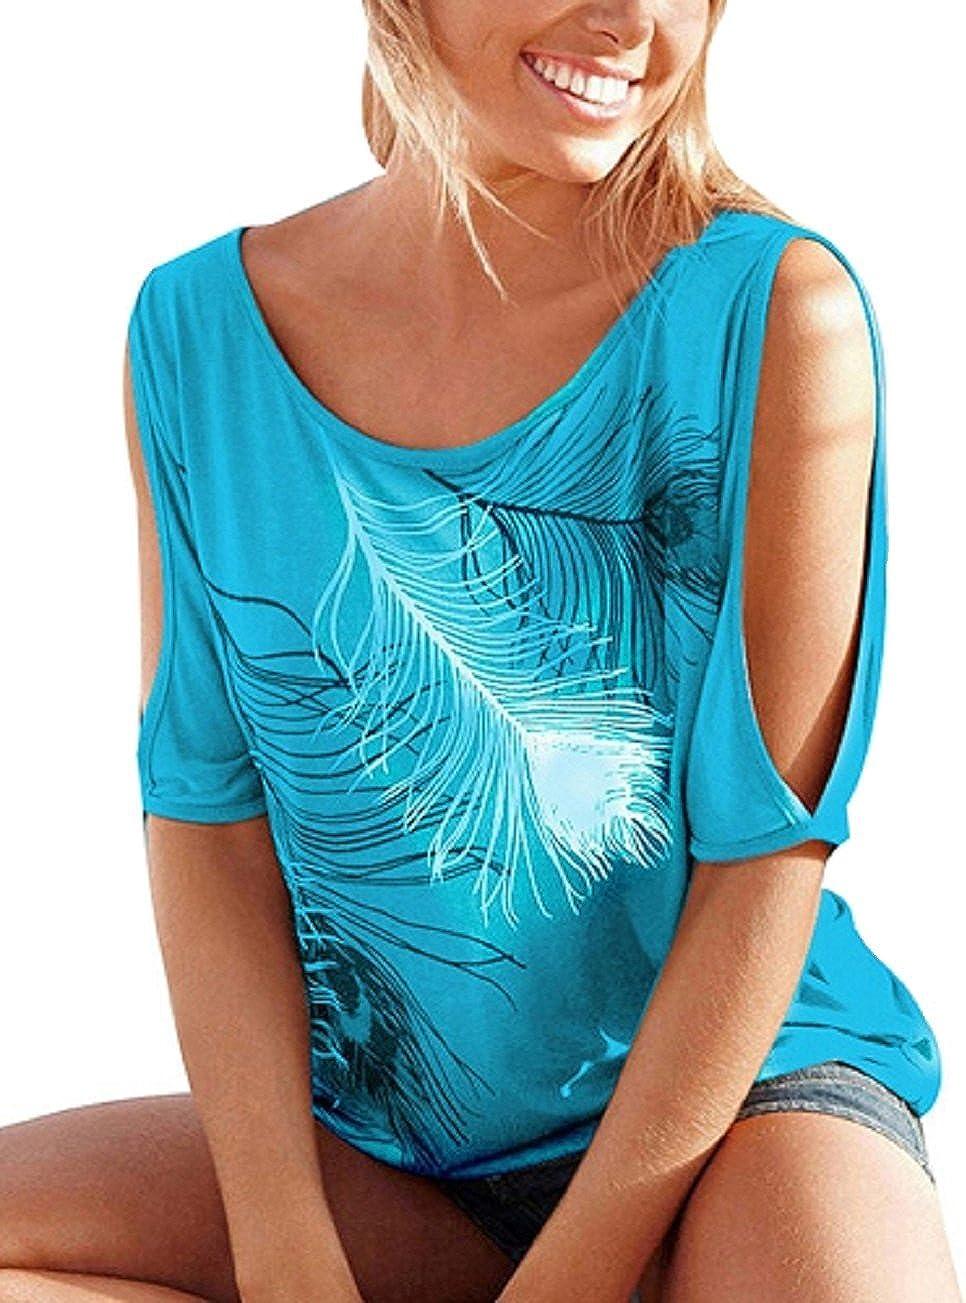 Landove T-shirt Epaule Denudee Femme Mode Casual Haut Col Rond Chemise Manches Courtes Tunique Imprim/é Plume Blouse Grande Taille Pull Sweat Top de Sport Ete S-XXL